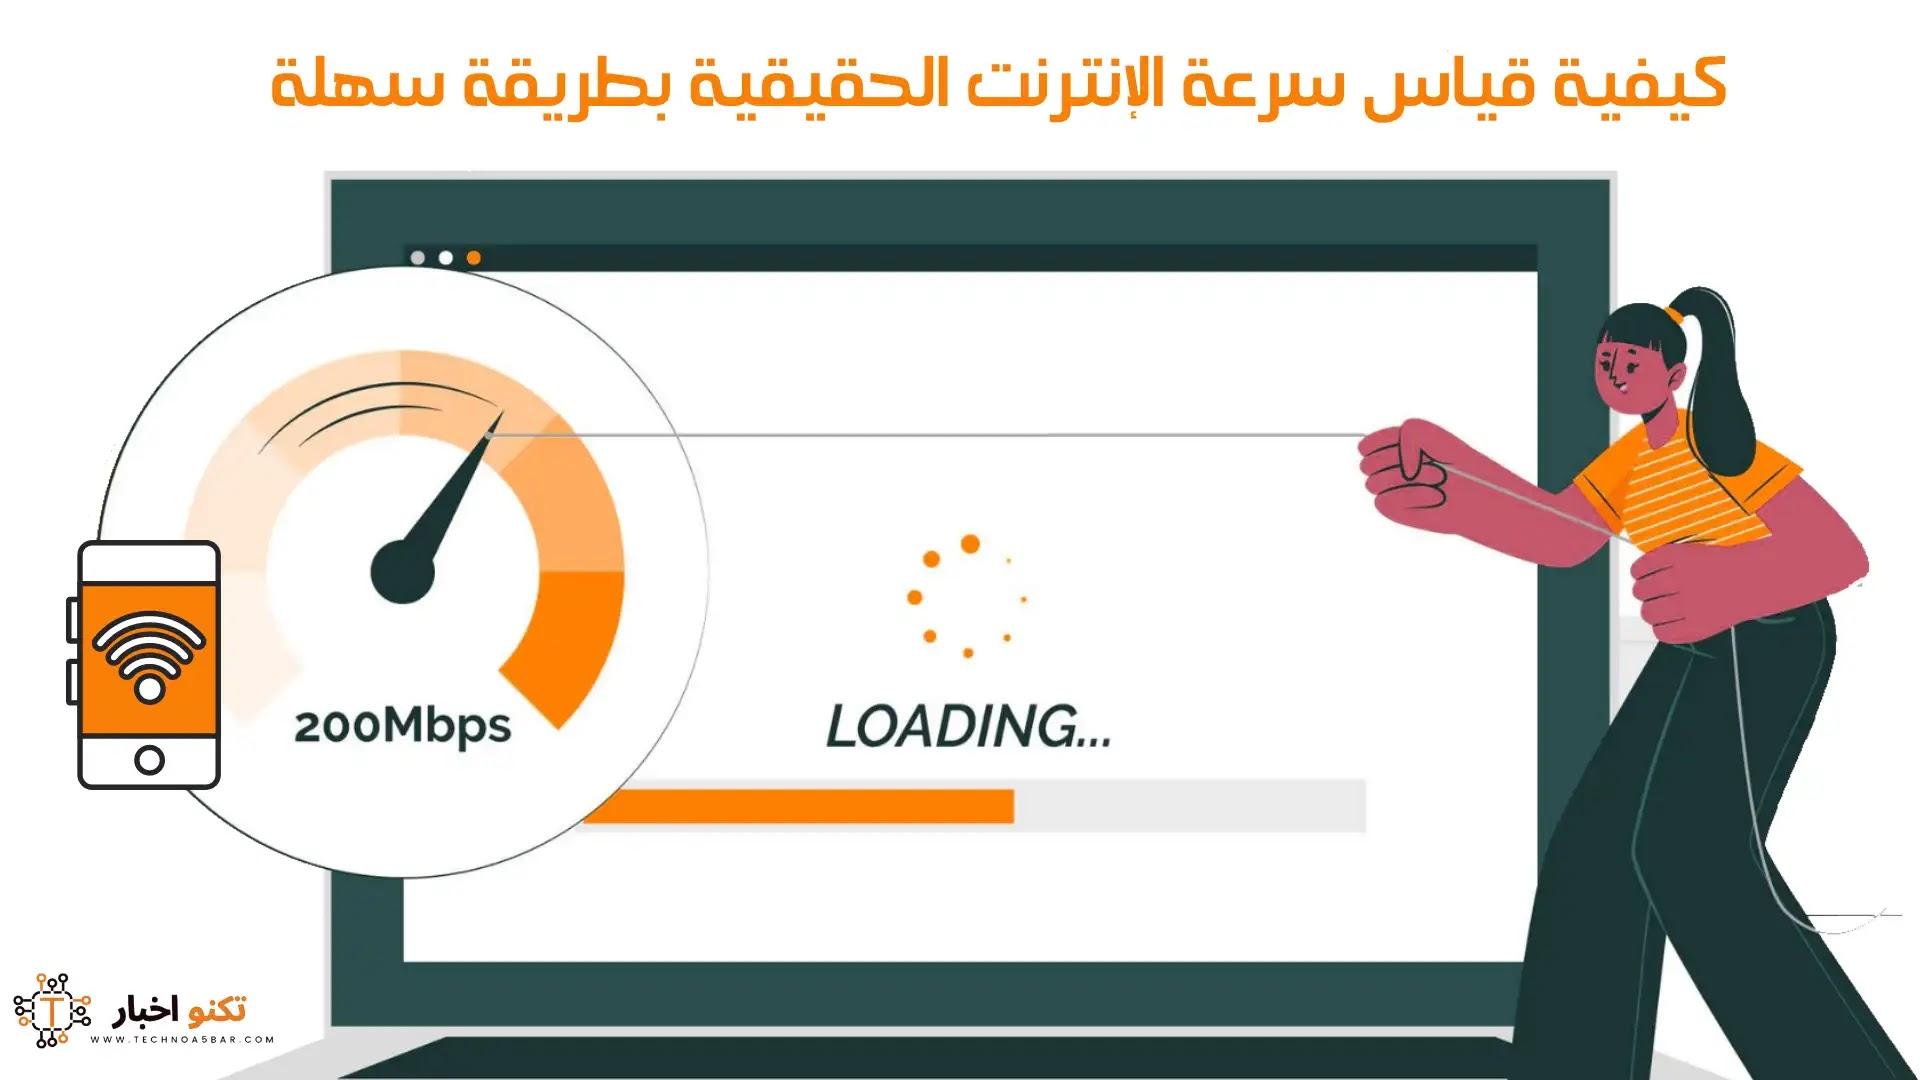 كيفية قياس سرعة الإنترنت الحقيقية بطريقة سهلة